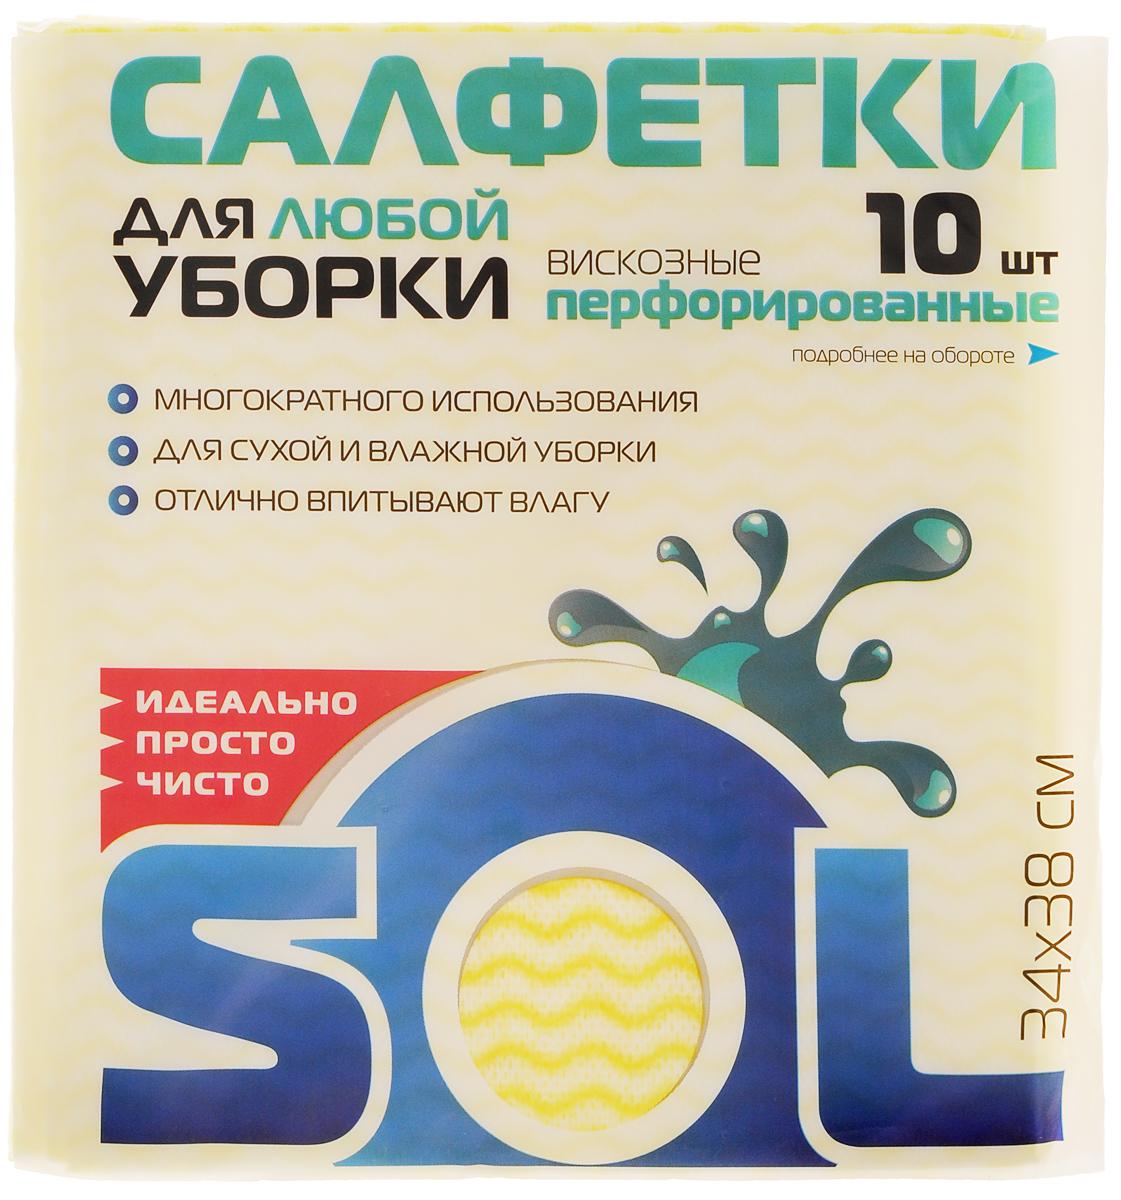 Салфетка для уборки Sol из вискозы, перфорированная, цвет: белый, желтый, 34 x 38 см, 10 шт10043_желтыйПерфорированные салфетки для уборки Sol, выполненные из вискозы, предназначены для уборки и могут применяться с различными моющими средствами. Эффективно впитывают жидкость. Мягкие и прочные, легко отжимаются и быстро сохнут. Рекомендации по уходу: Для обеспечения гигиеничности уборки после применения прополоскать в теплой воде. Для продления срока службы не применять машинную стирку, не гладить и не кипятить.